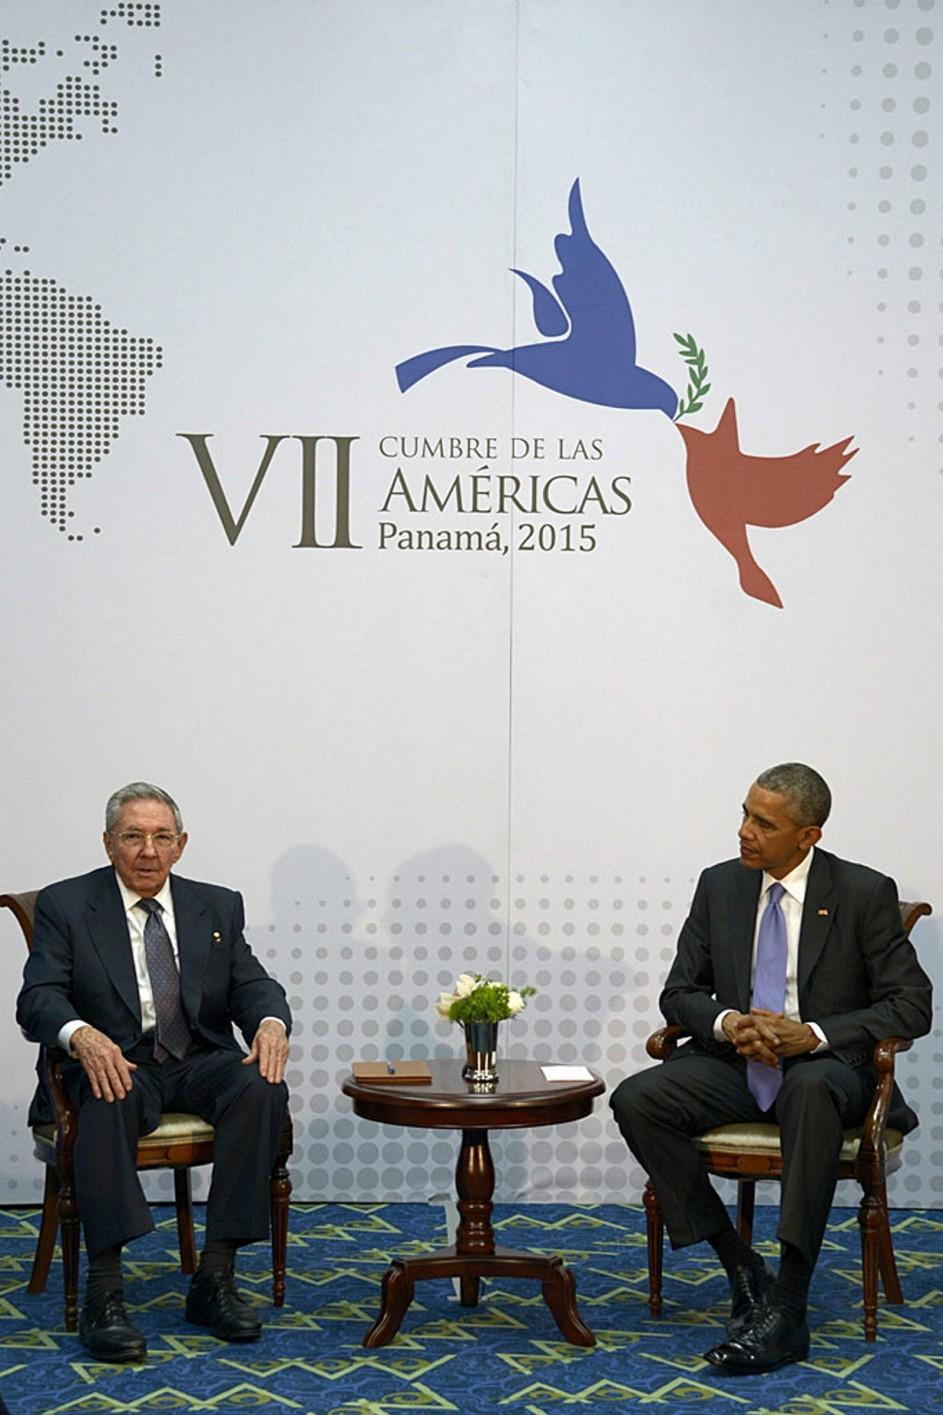 Obama se reúne con Raúl Castro. Los presidentes Obama y Castro durante la Cumbre de las Américas 2015.